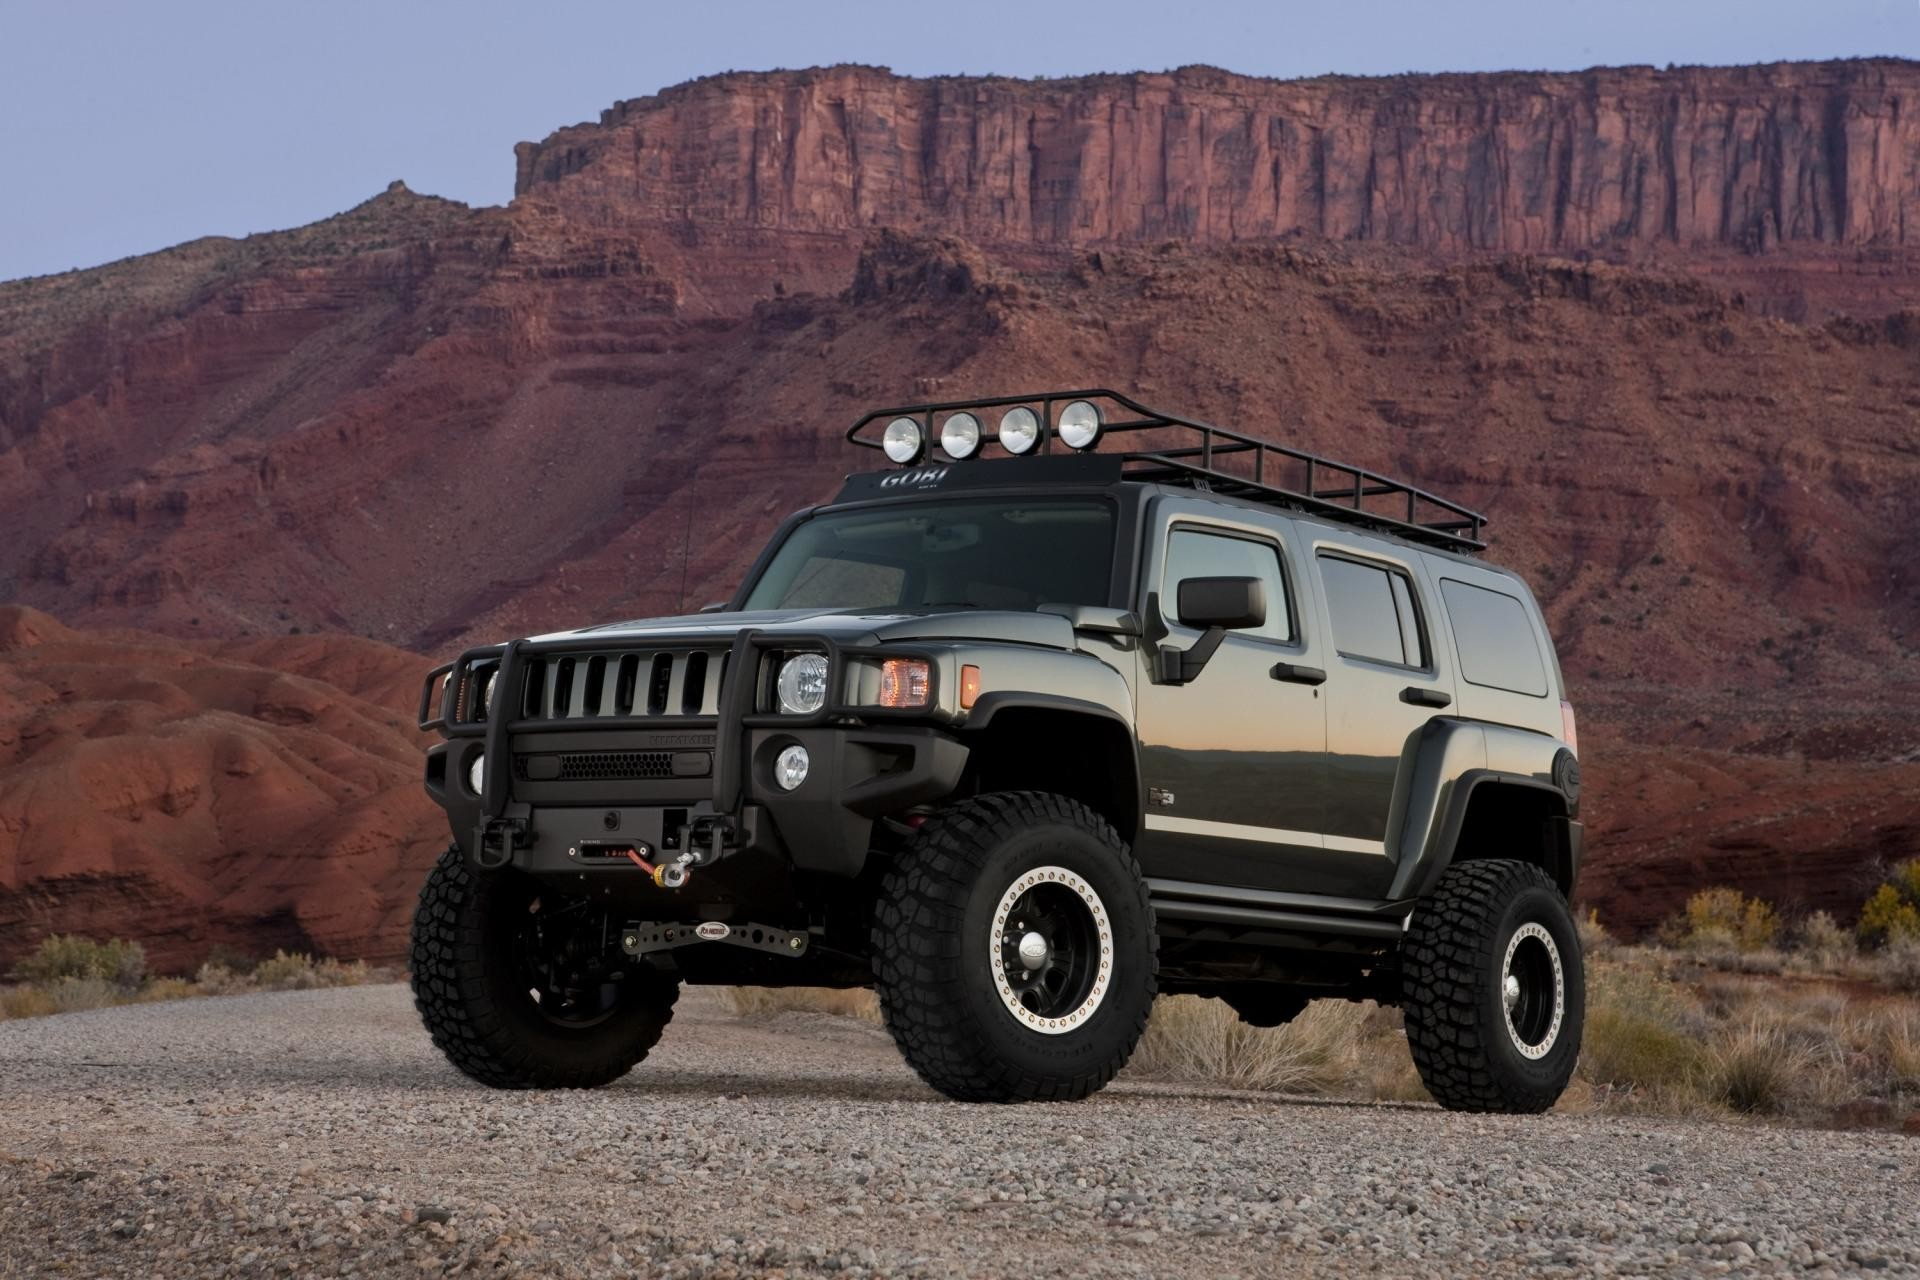 Res: 1920x1280, Black Hummer H3 HD Wallpaper